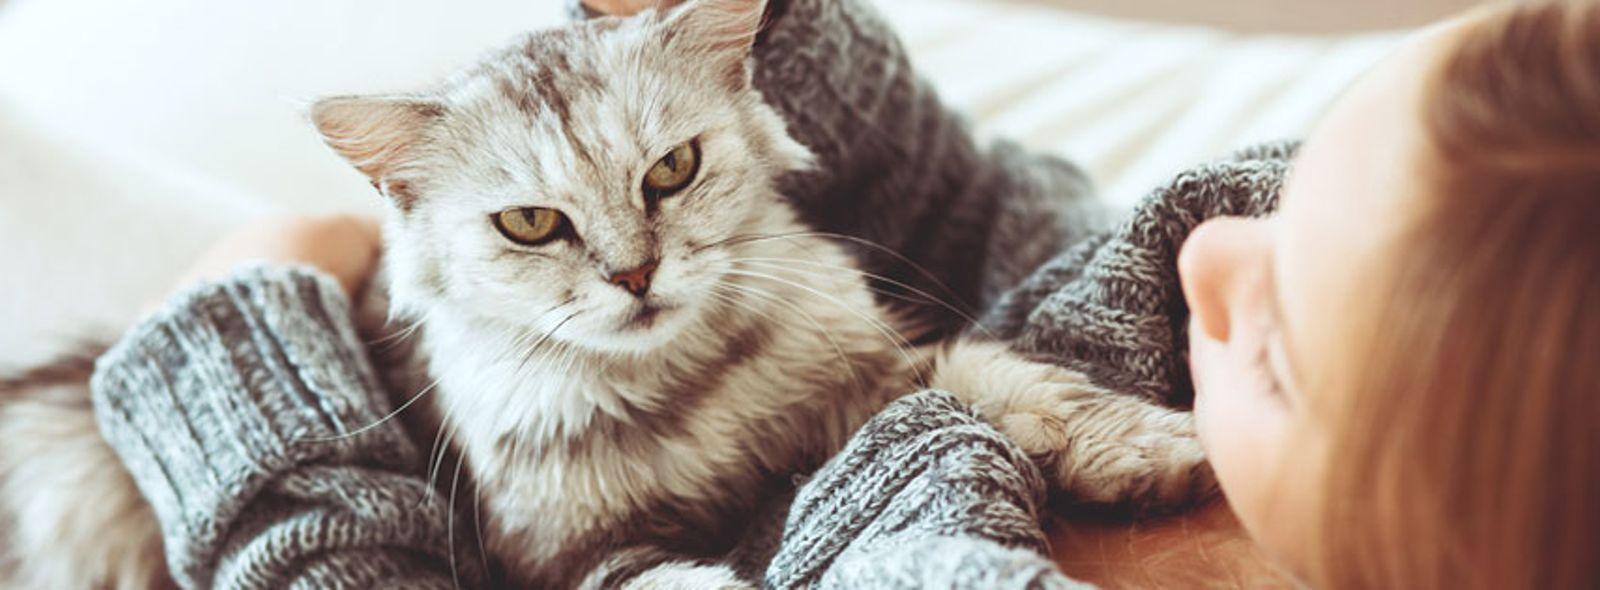 Che colore del pelo deve avere un gatto tranquillo